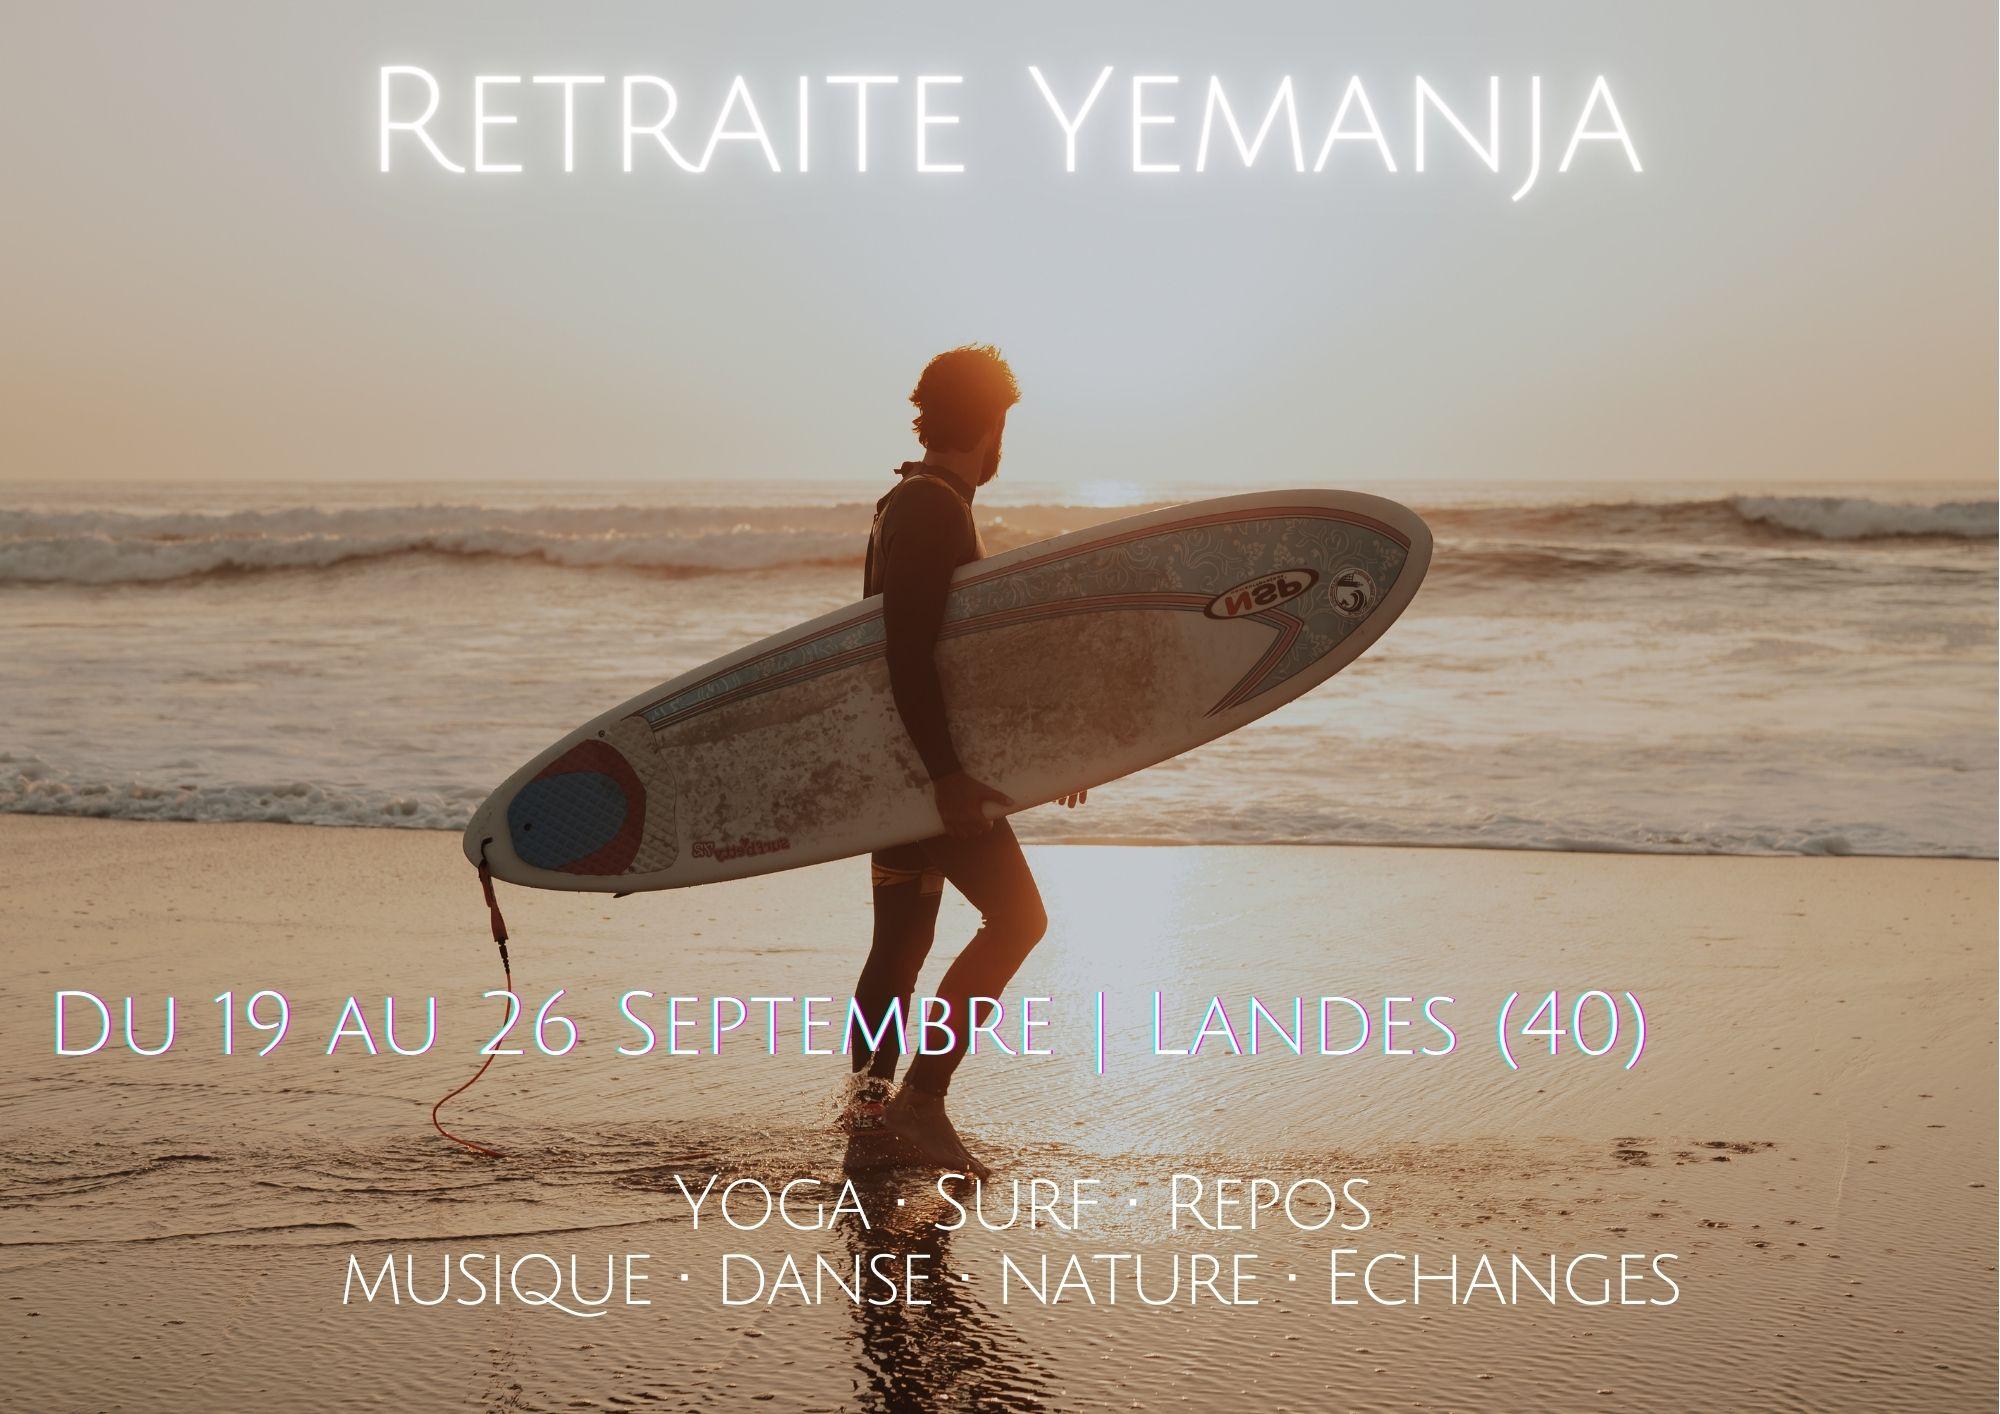 Retraite Yoga Surf Yemanja dans les Landes Capbreton avec Guillaume Calabretto et Marije Evertse